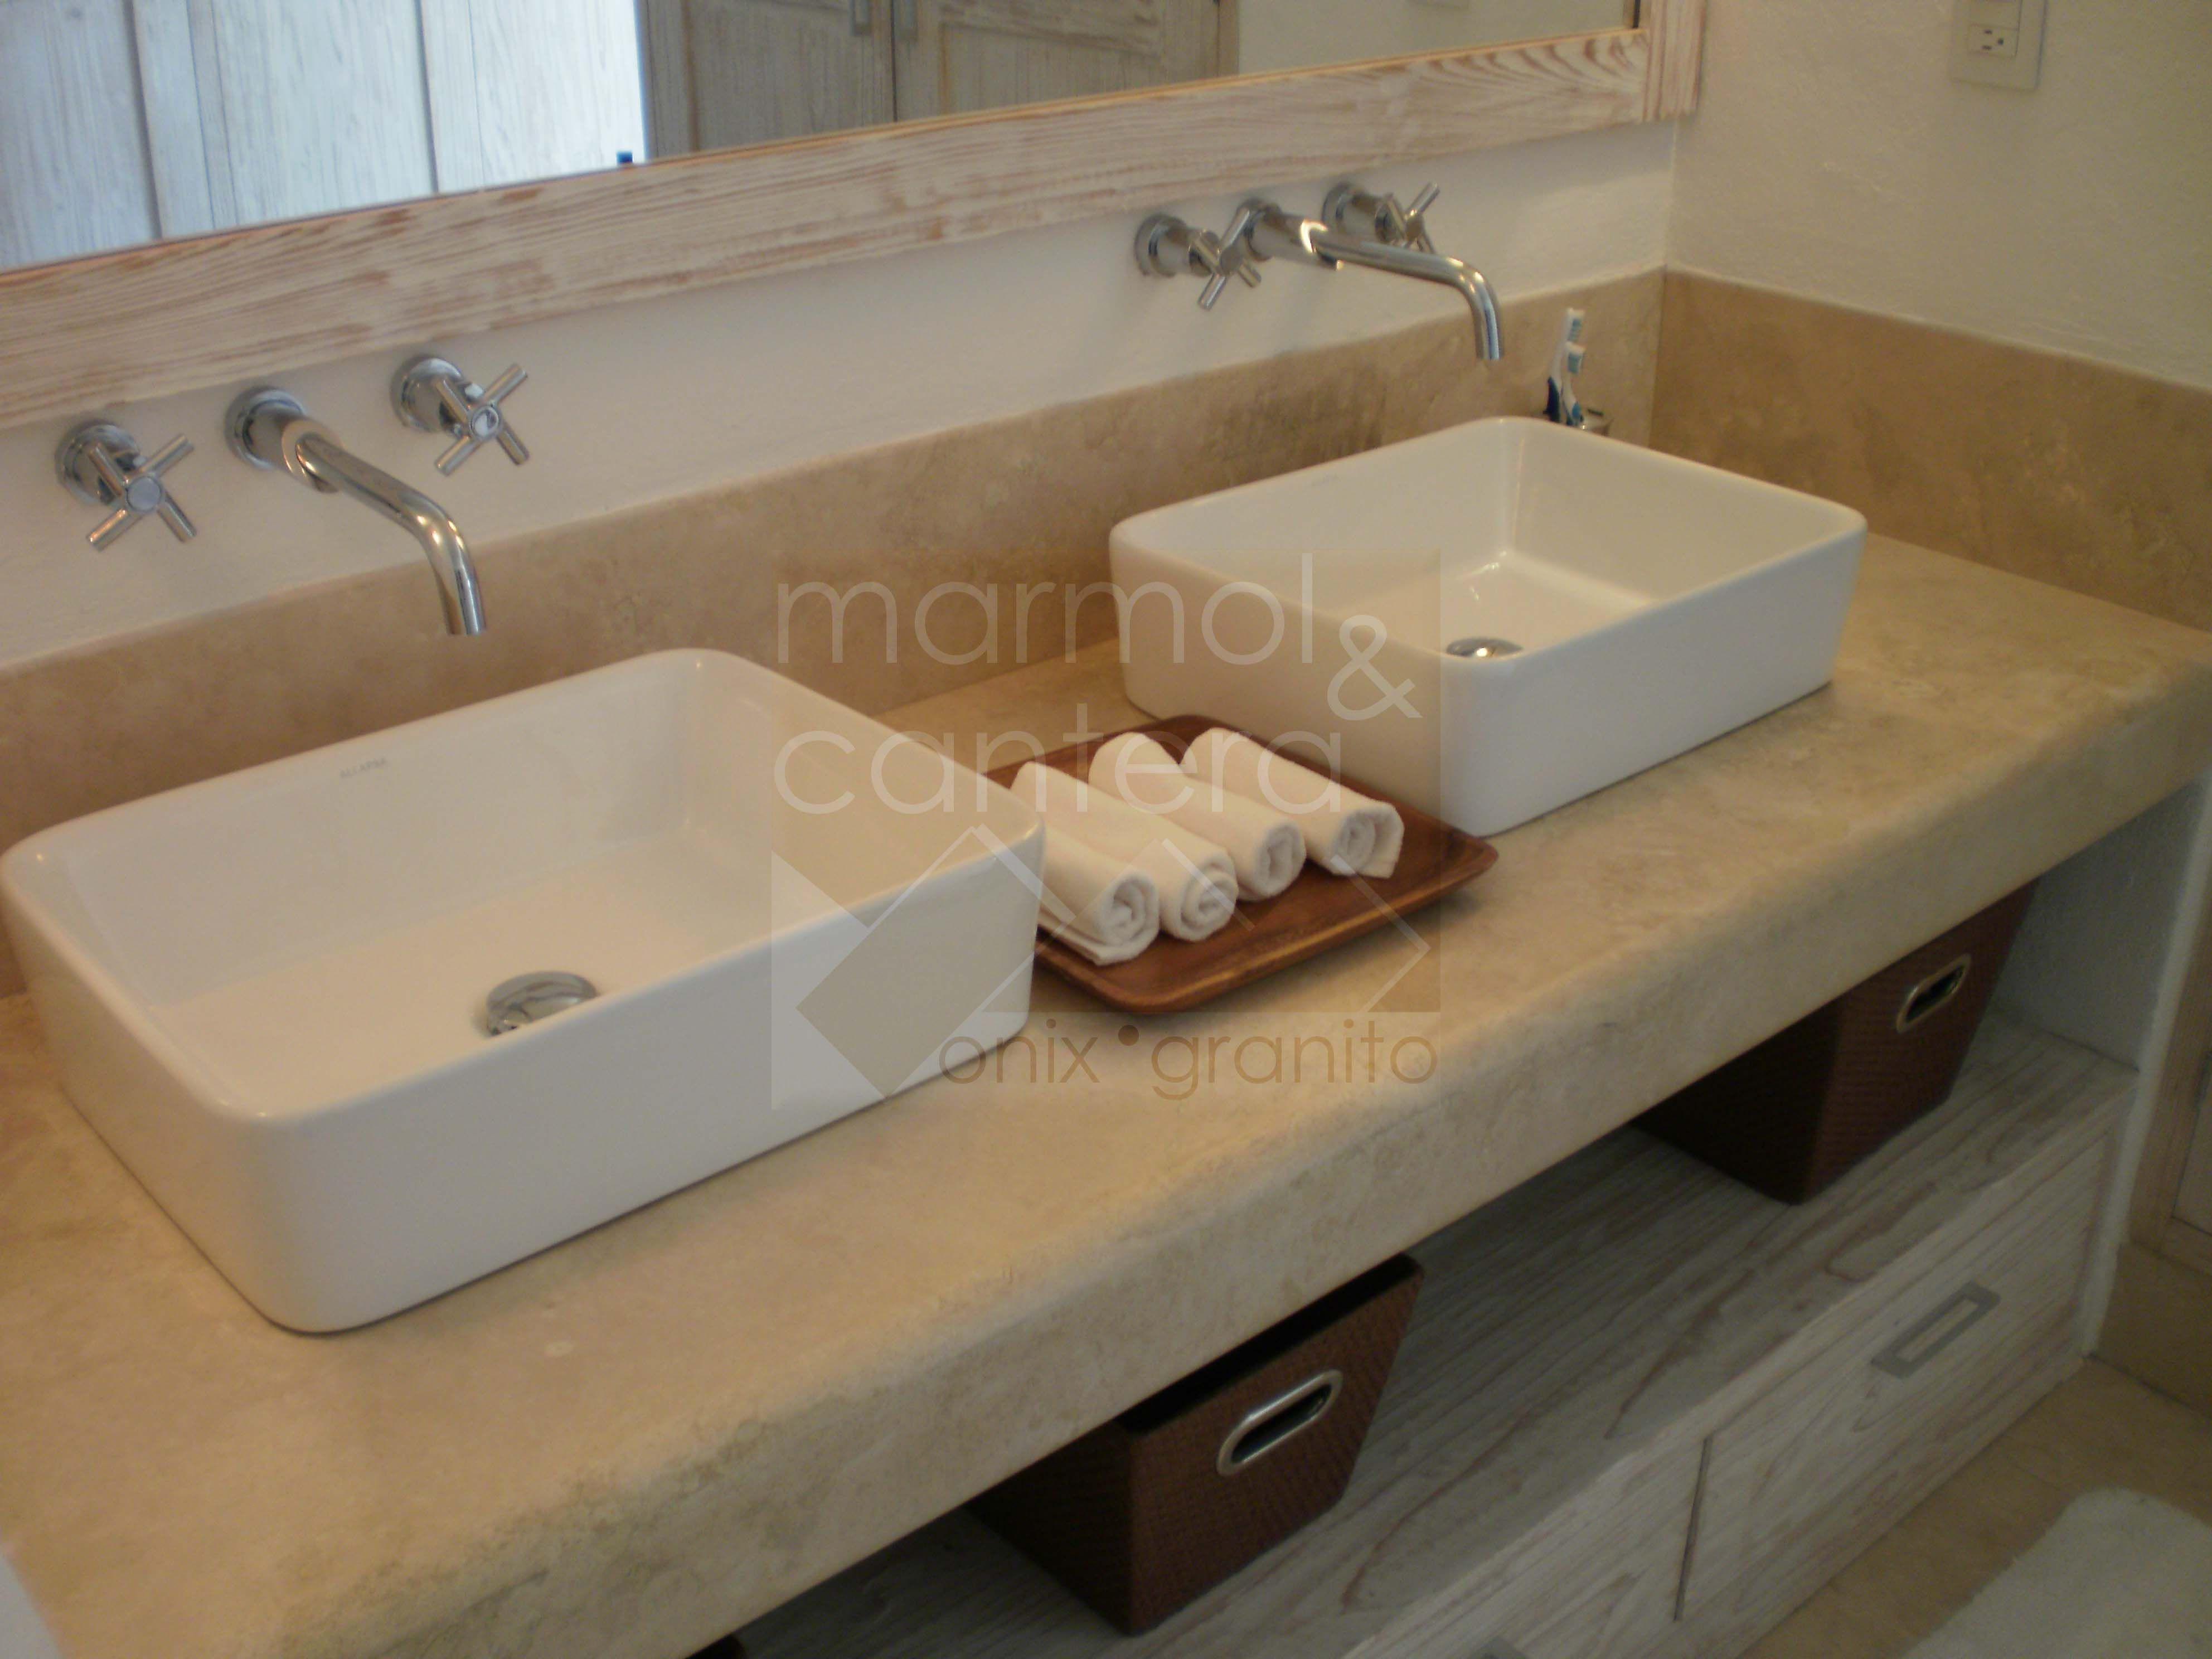 Fabricamos tu cubierta de ba o a la medida whatsapp - Encimera marmol precio ...